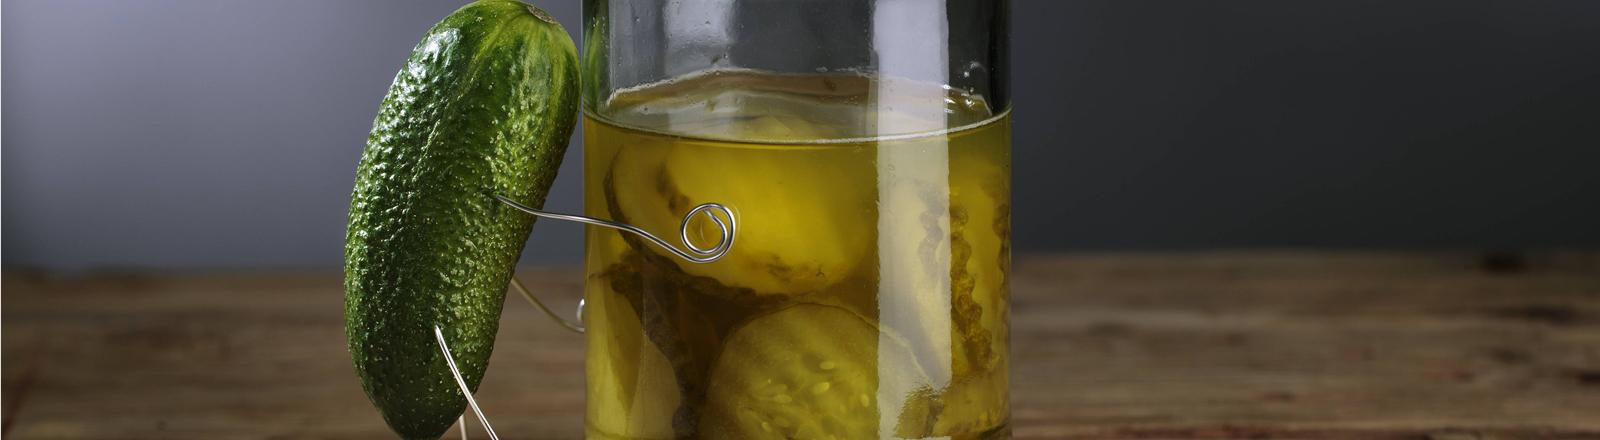 Gurkenwasser im Glas